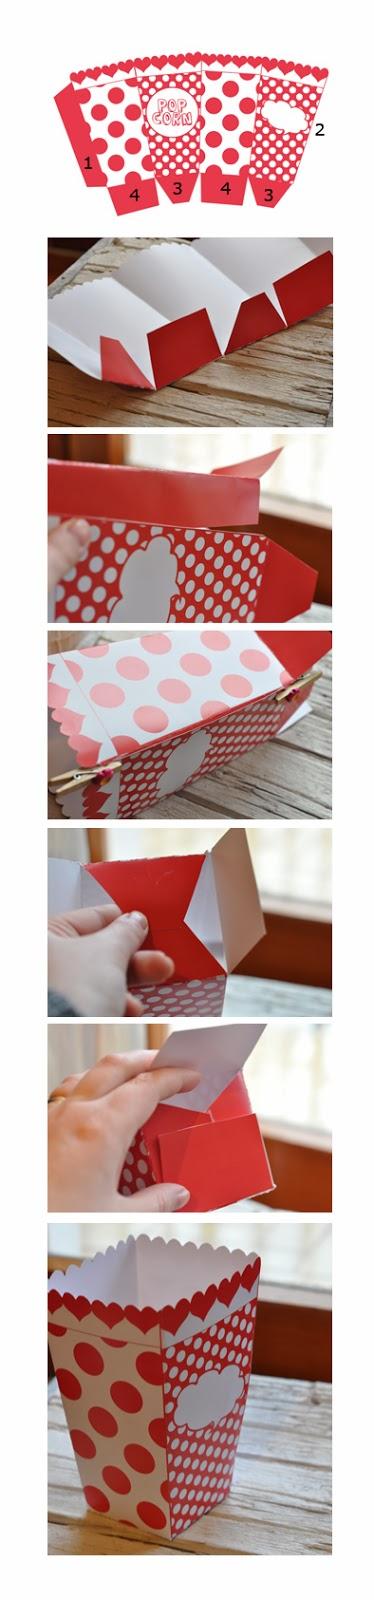 creativebox: {14 days of love project} - 11 giorni a San Valentino : popcorn box template